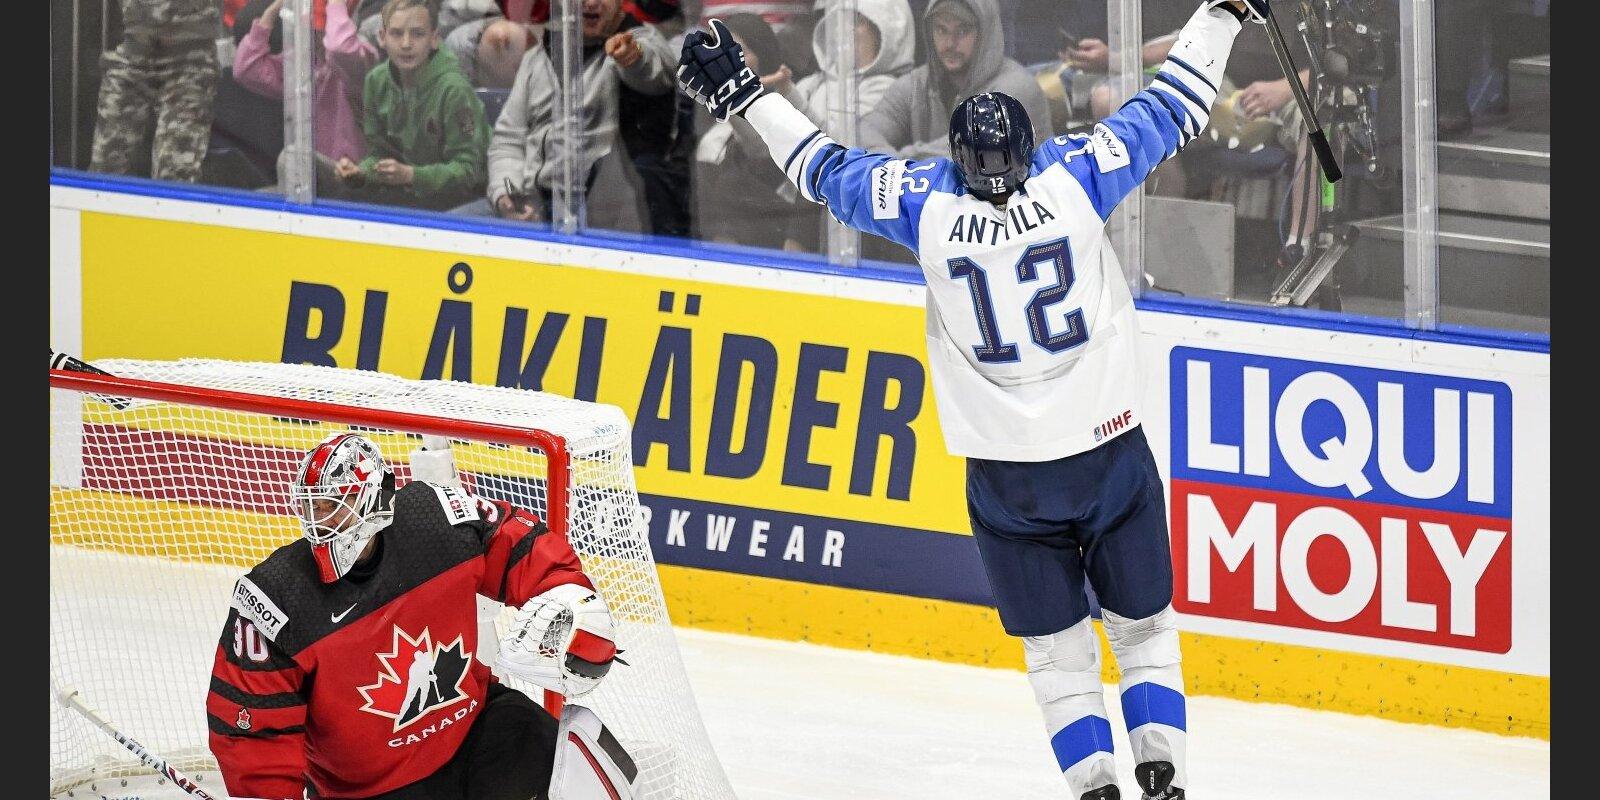 Droša un godīga izvēle. Citu valstu hokeja federācijas atbalsta pasaules čempionātu Rīgā